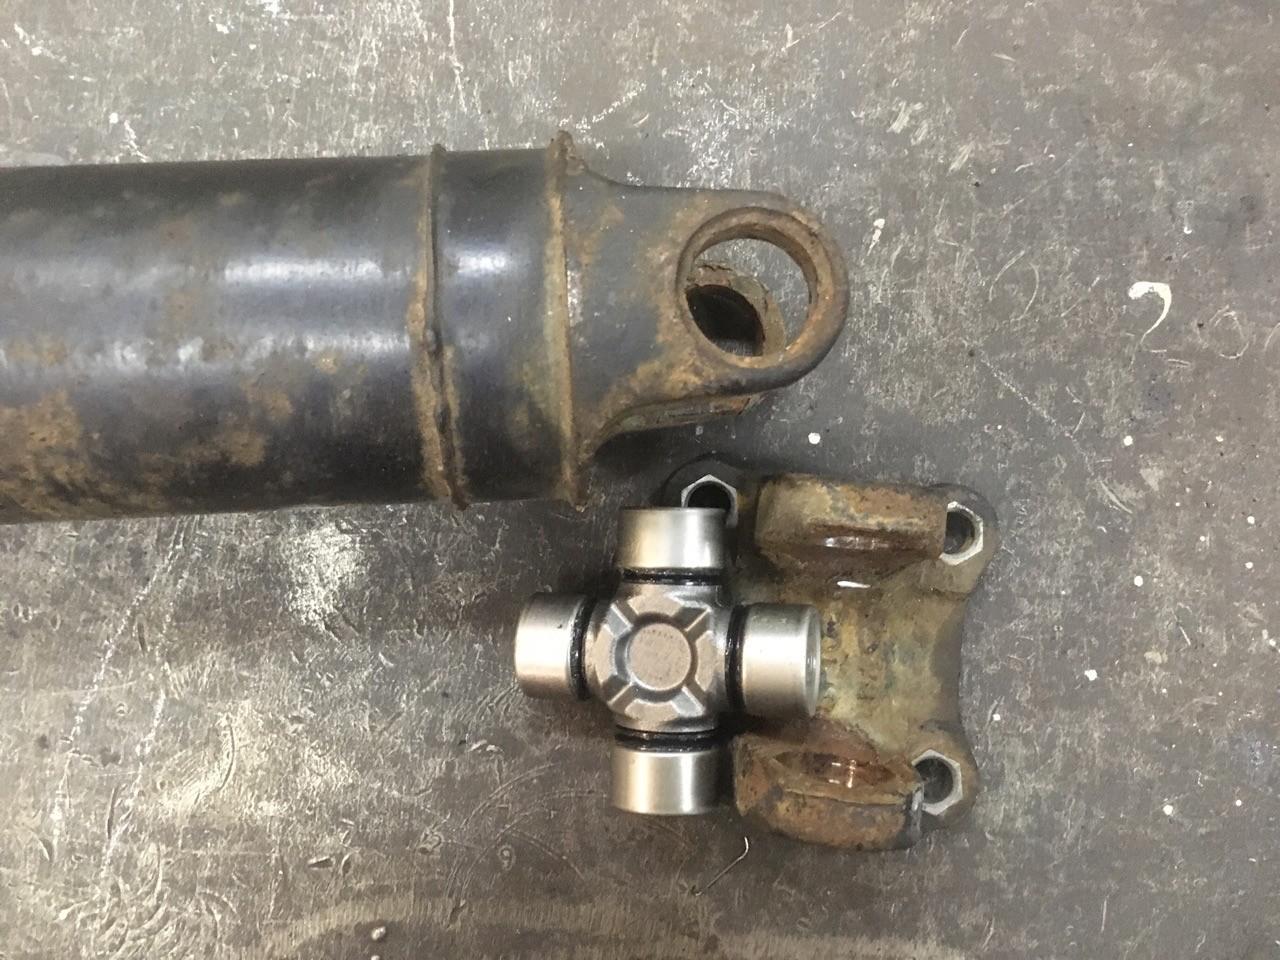 Ремонт 3-х опорного карданного вала Nissan Qashqai с переделкой узла под стопорные кольца